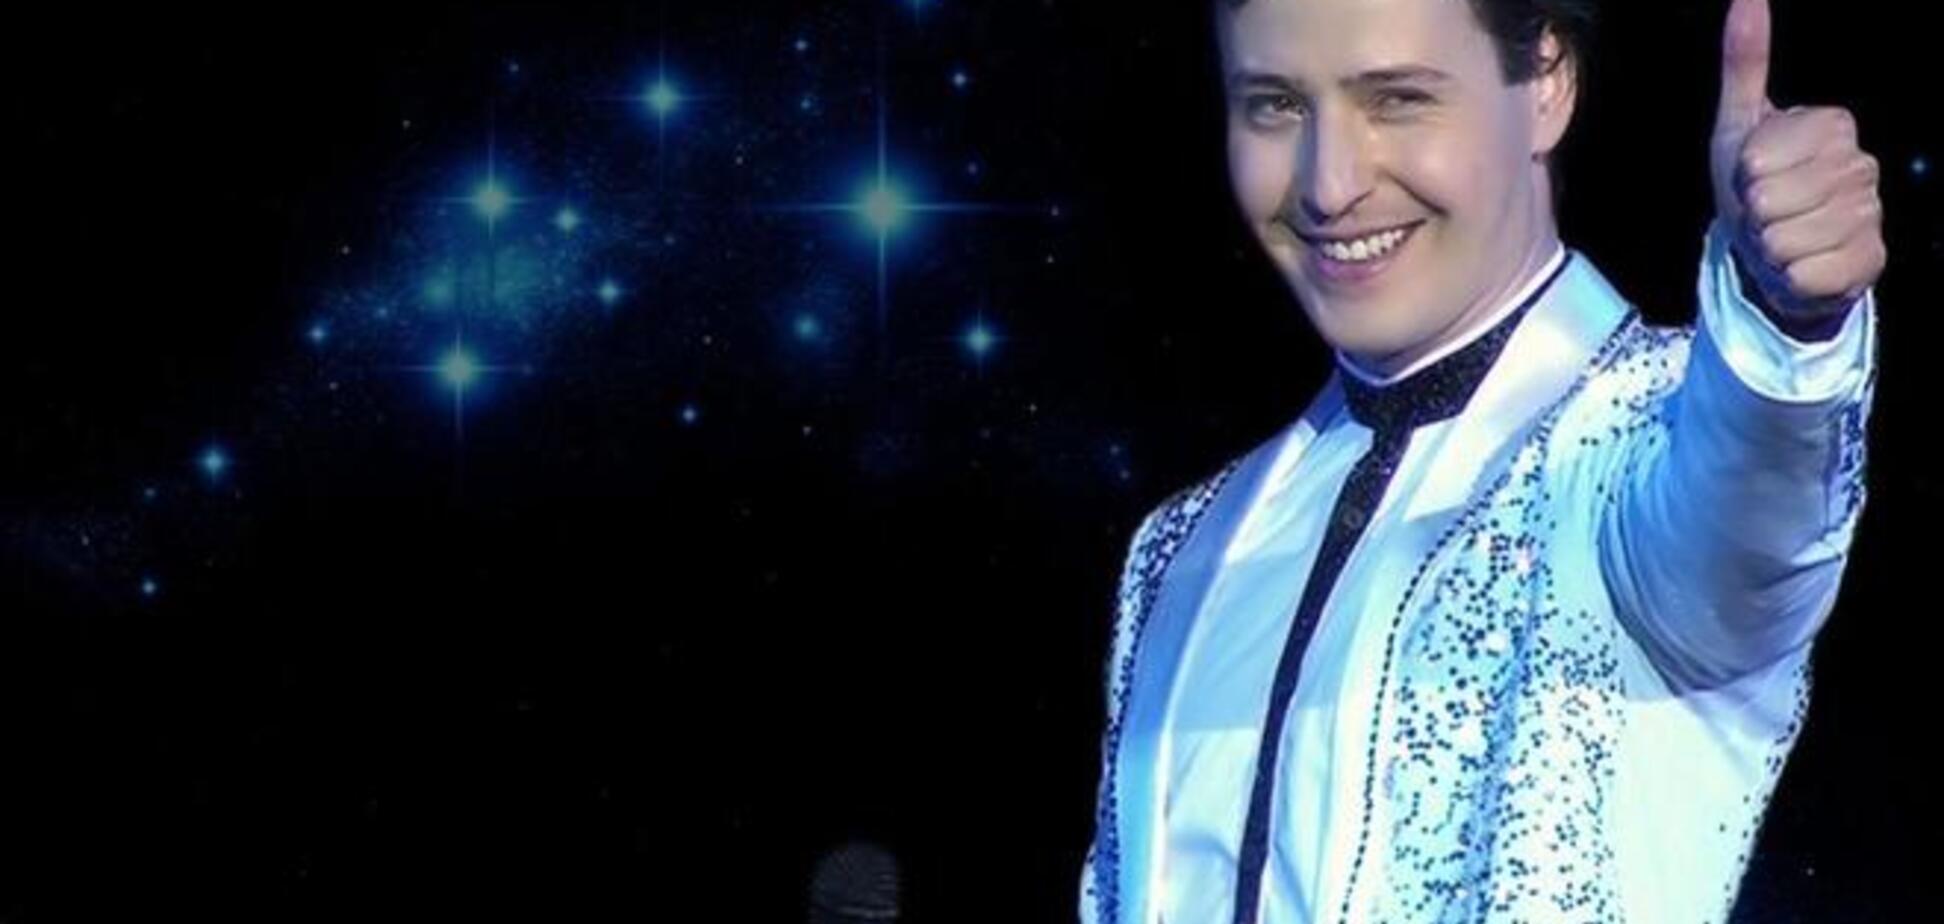 Из-за кризиса в России концерт Витаса продают в нагрузку к шоу Валерии